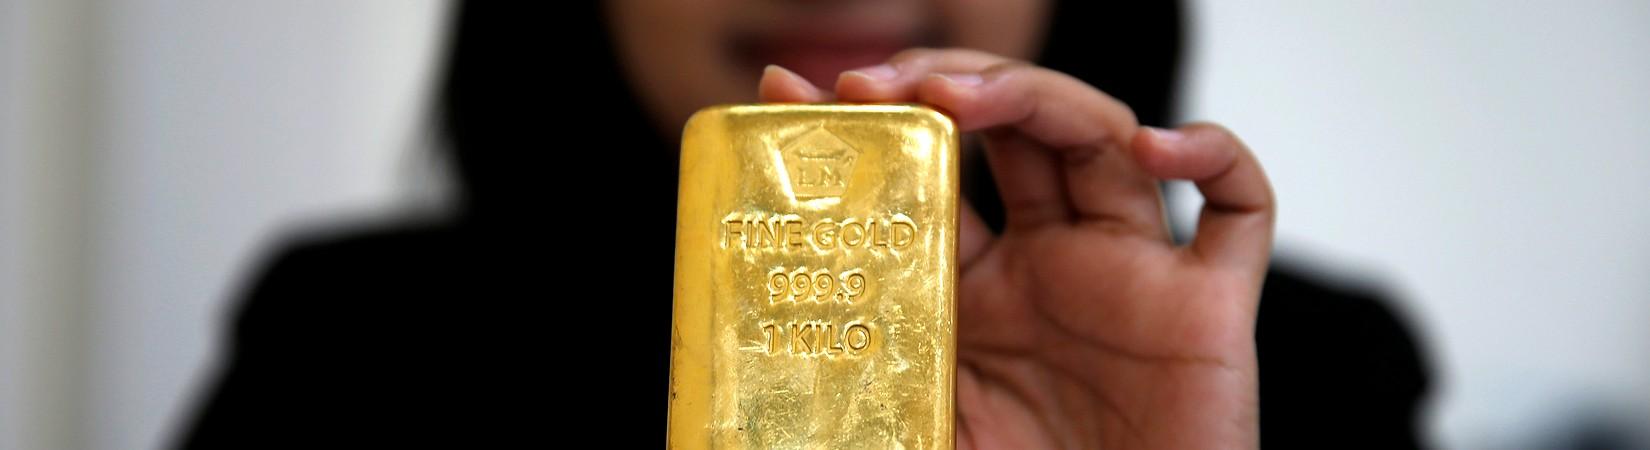 Trump, petróleo y oro: ¿Cómo ha sido enero en el mercado de materias primas?